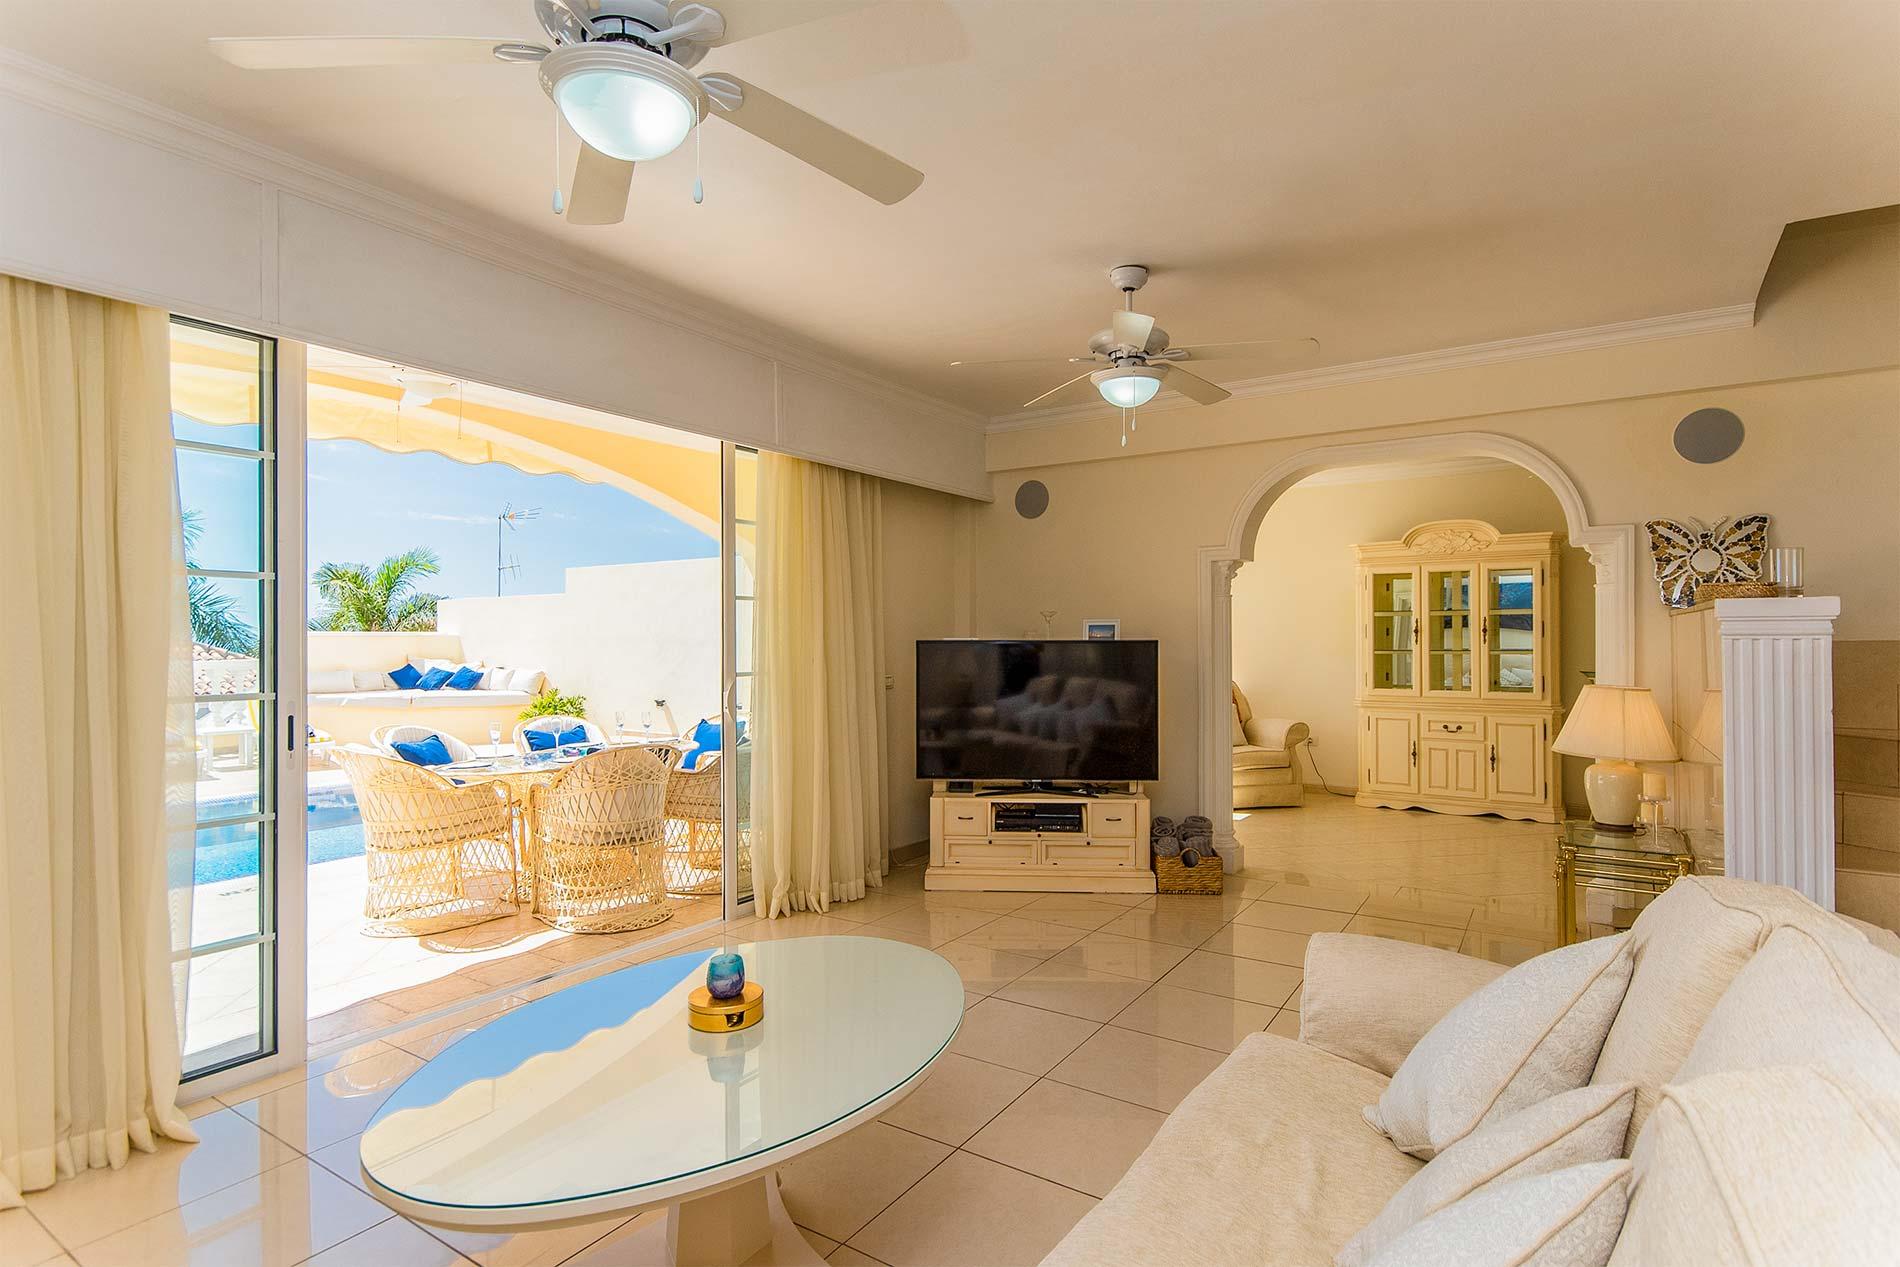 Villa Vista Gomera in Playa de la Arena, Los Gigantes - sleeps 6 people